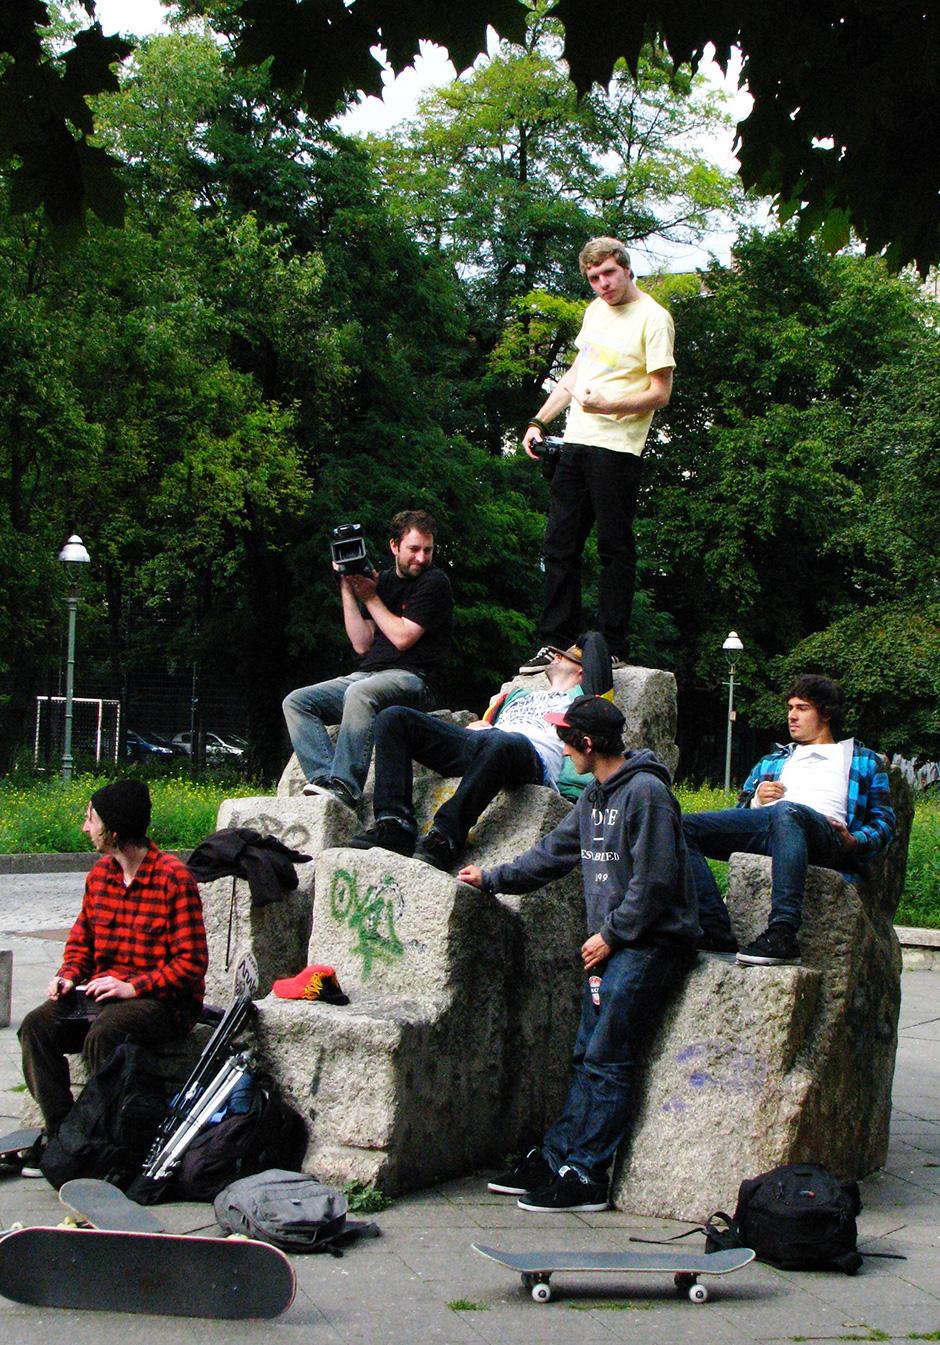 Harmony in Berlin. Jak Pietryga, Jim Walker, Jamie Errington, Pablo Aresu, Jed Coldwell and Adam. Photo: Joe Buddle